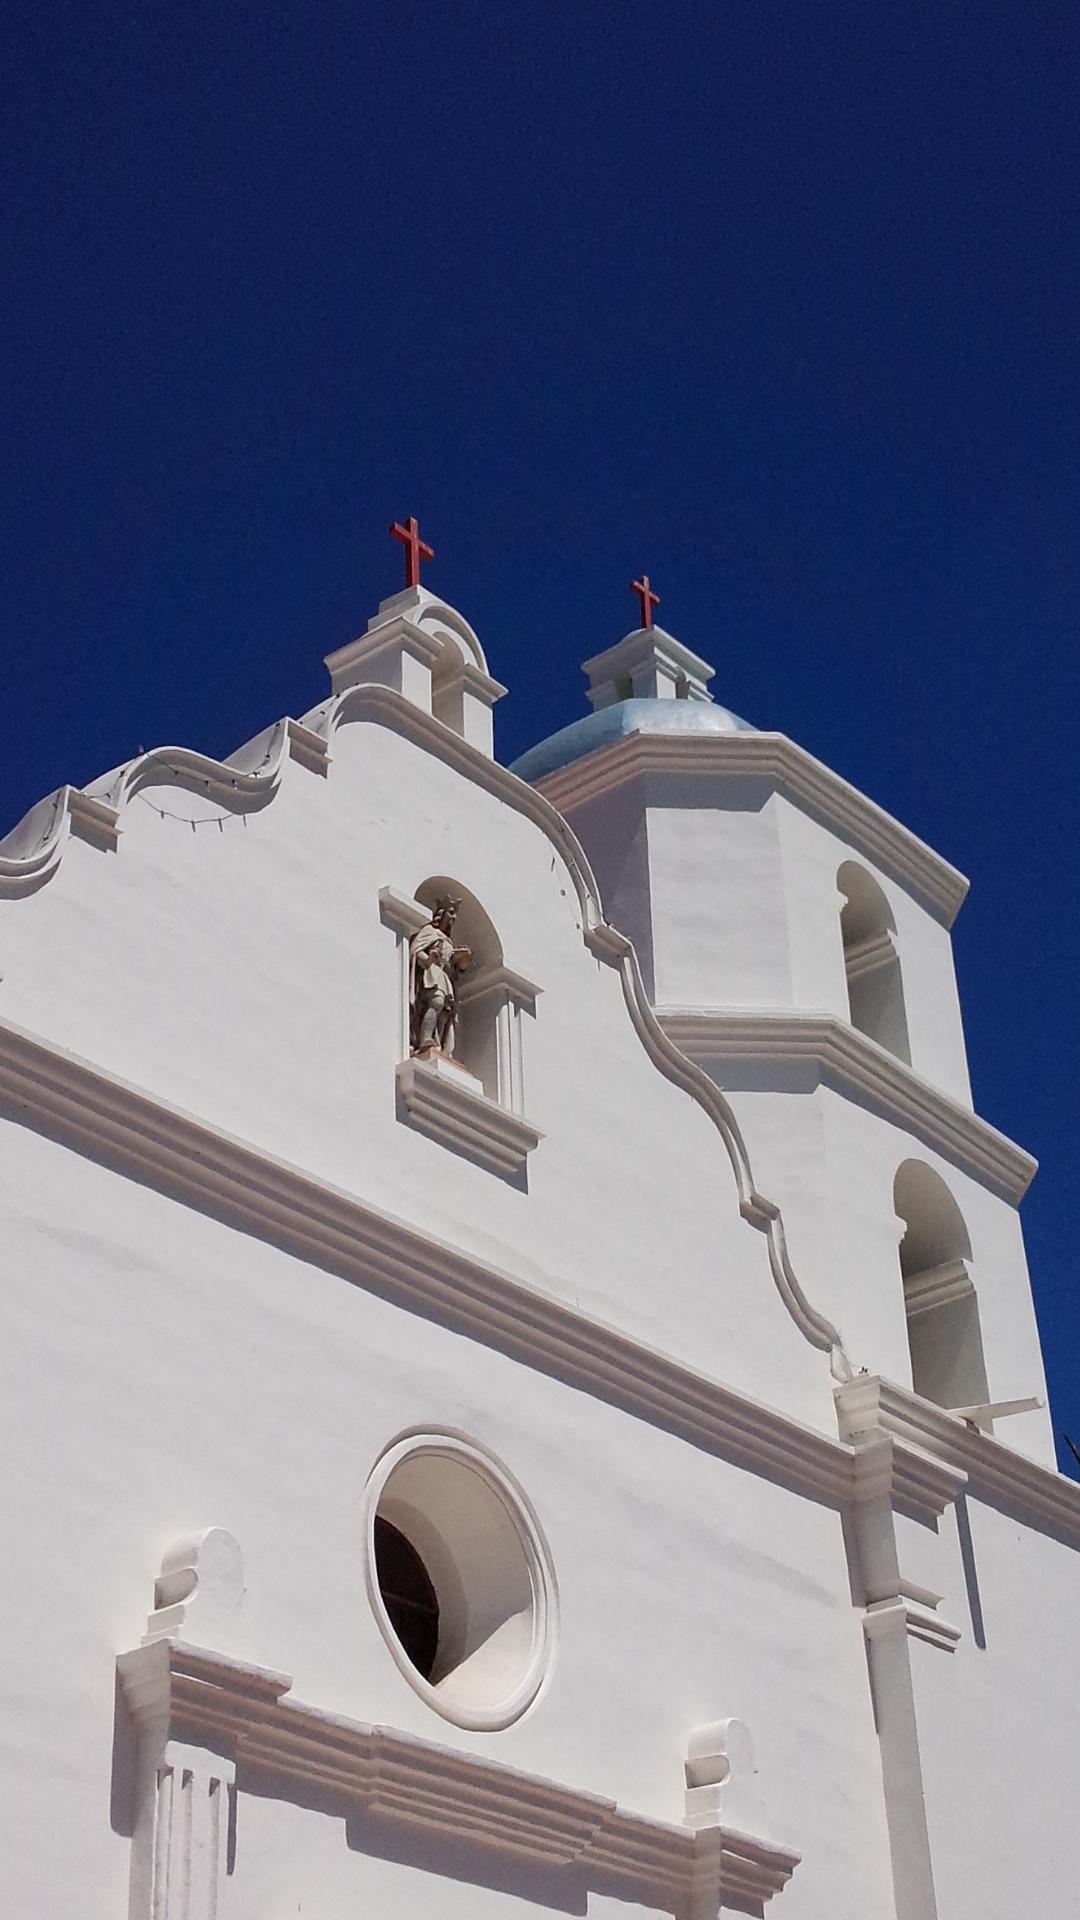 第18堂San Luis Rey de Francia_e0131324_21181075.jpg